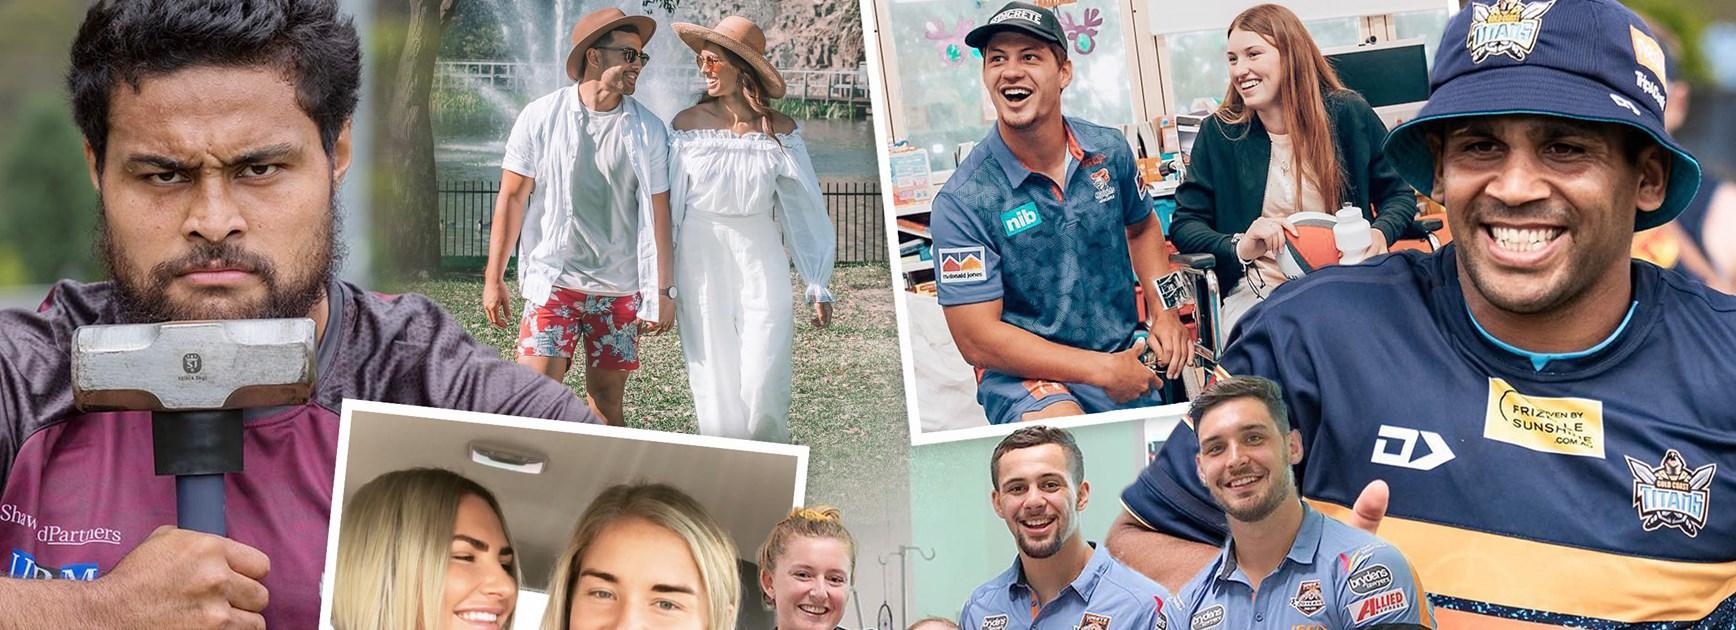 NRL Social: Christmas spirit, bae love and epic pics